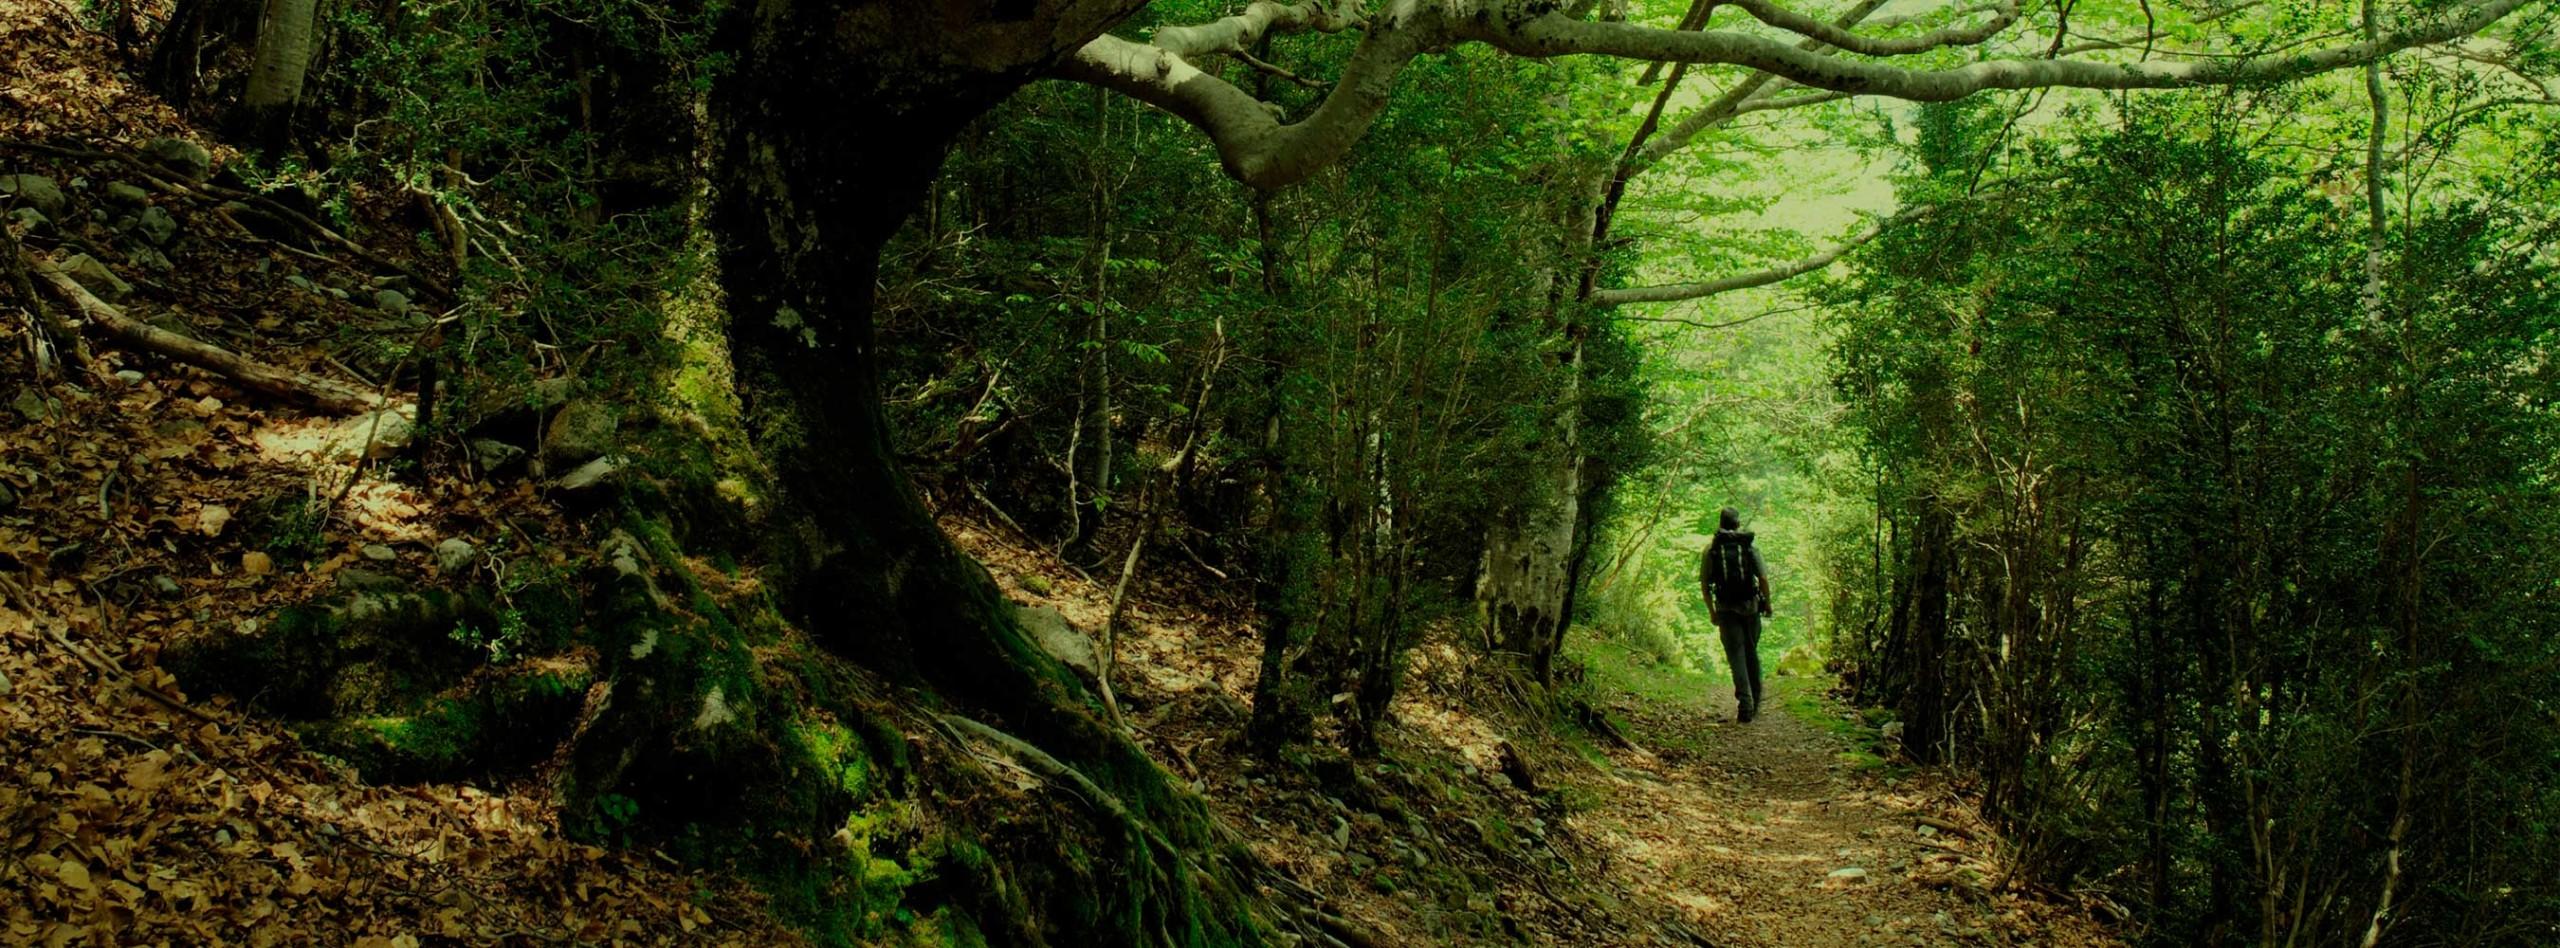 senderista caminando por bosque frondoso